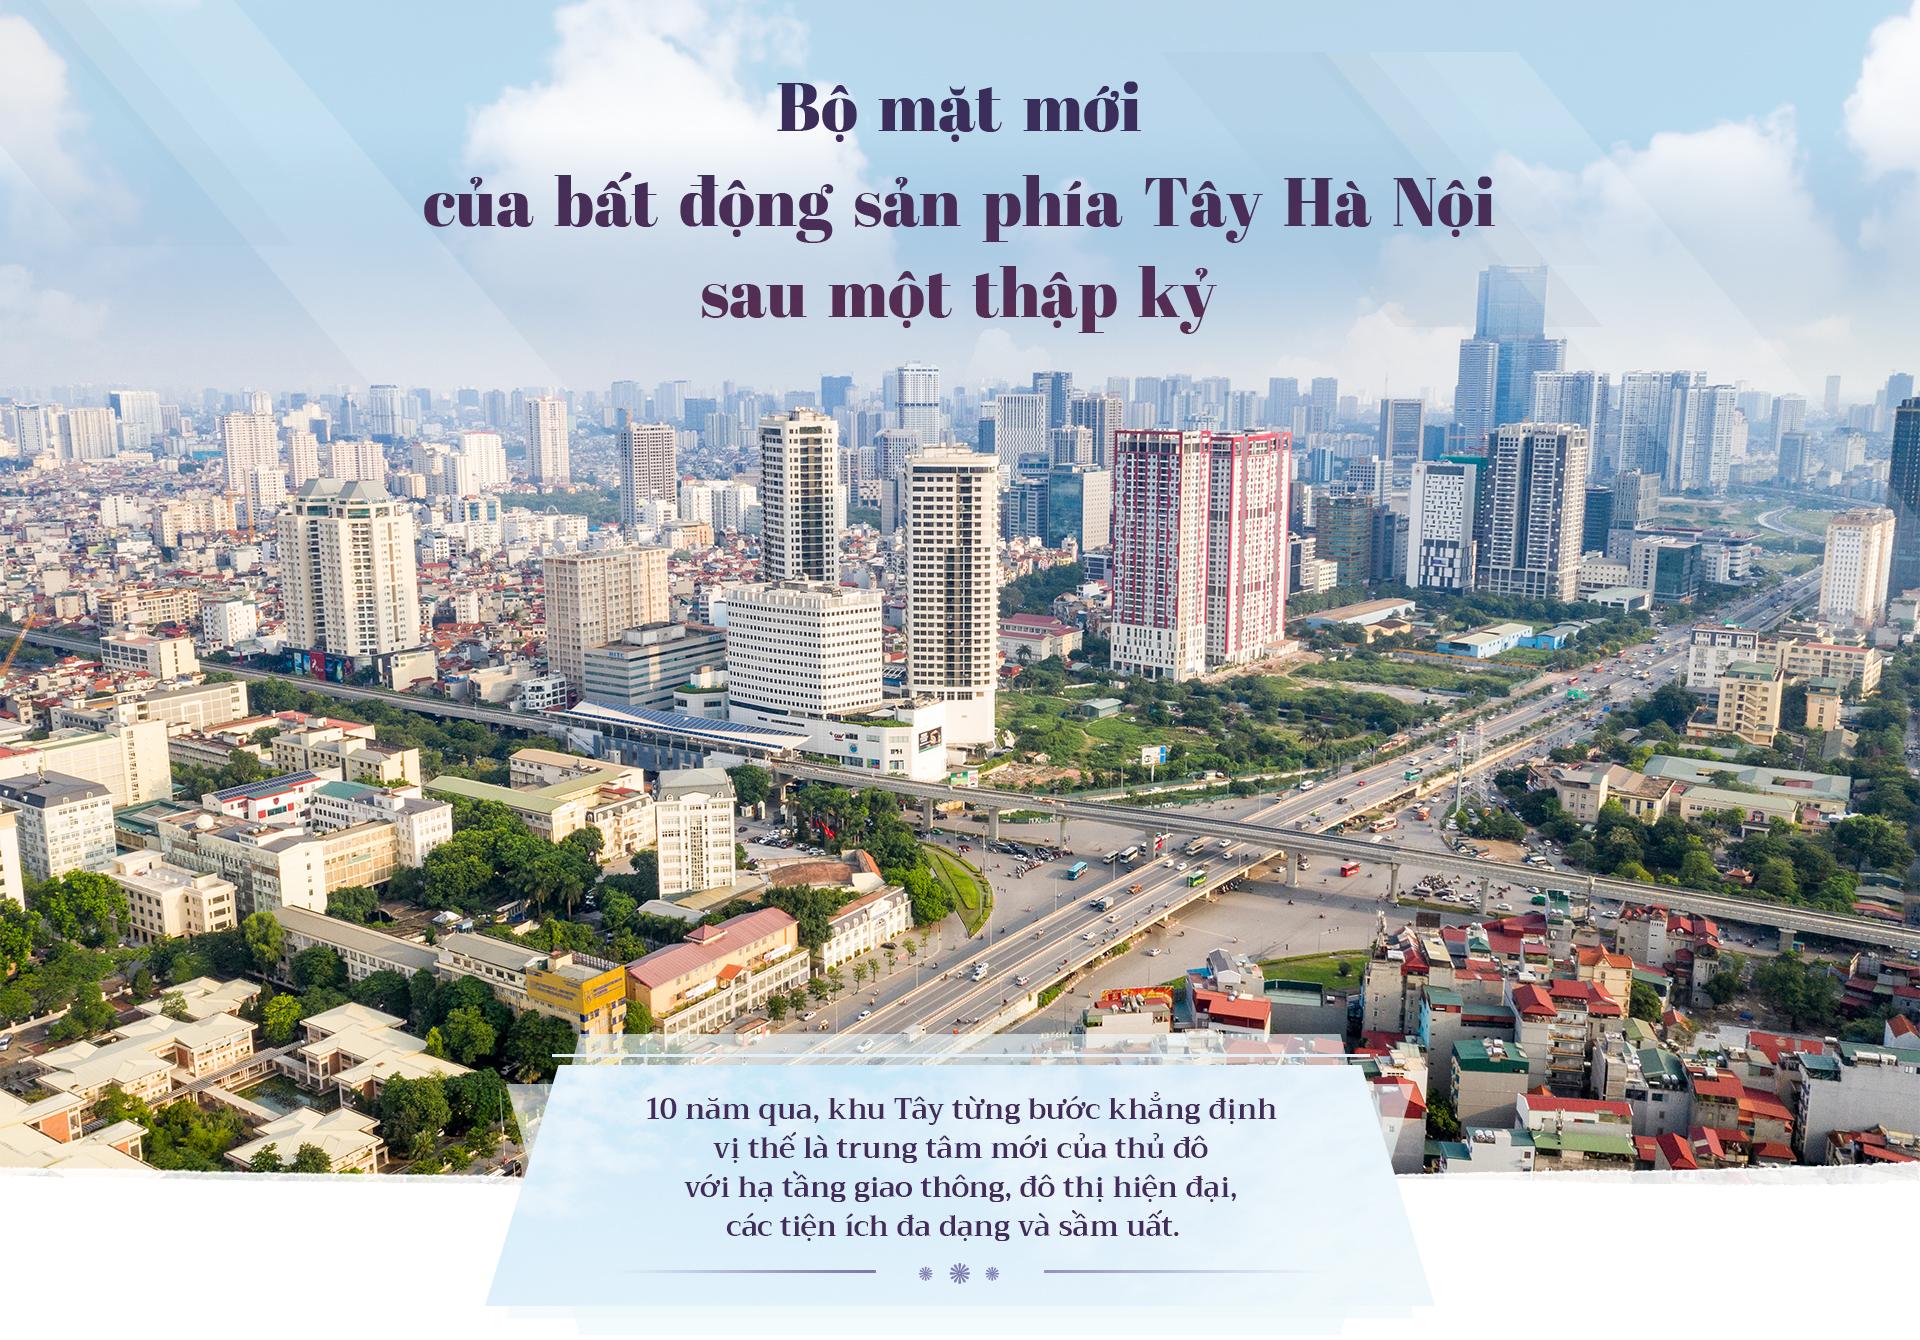 Bộ mặt mới bất động sản Tây Hà Nội sau một thập kỷ 1